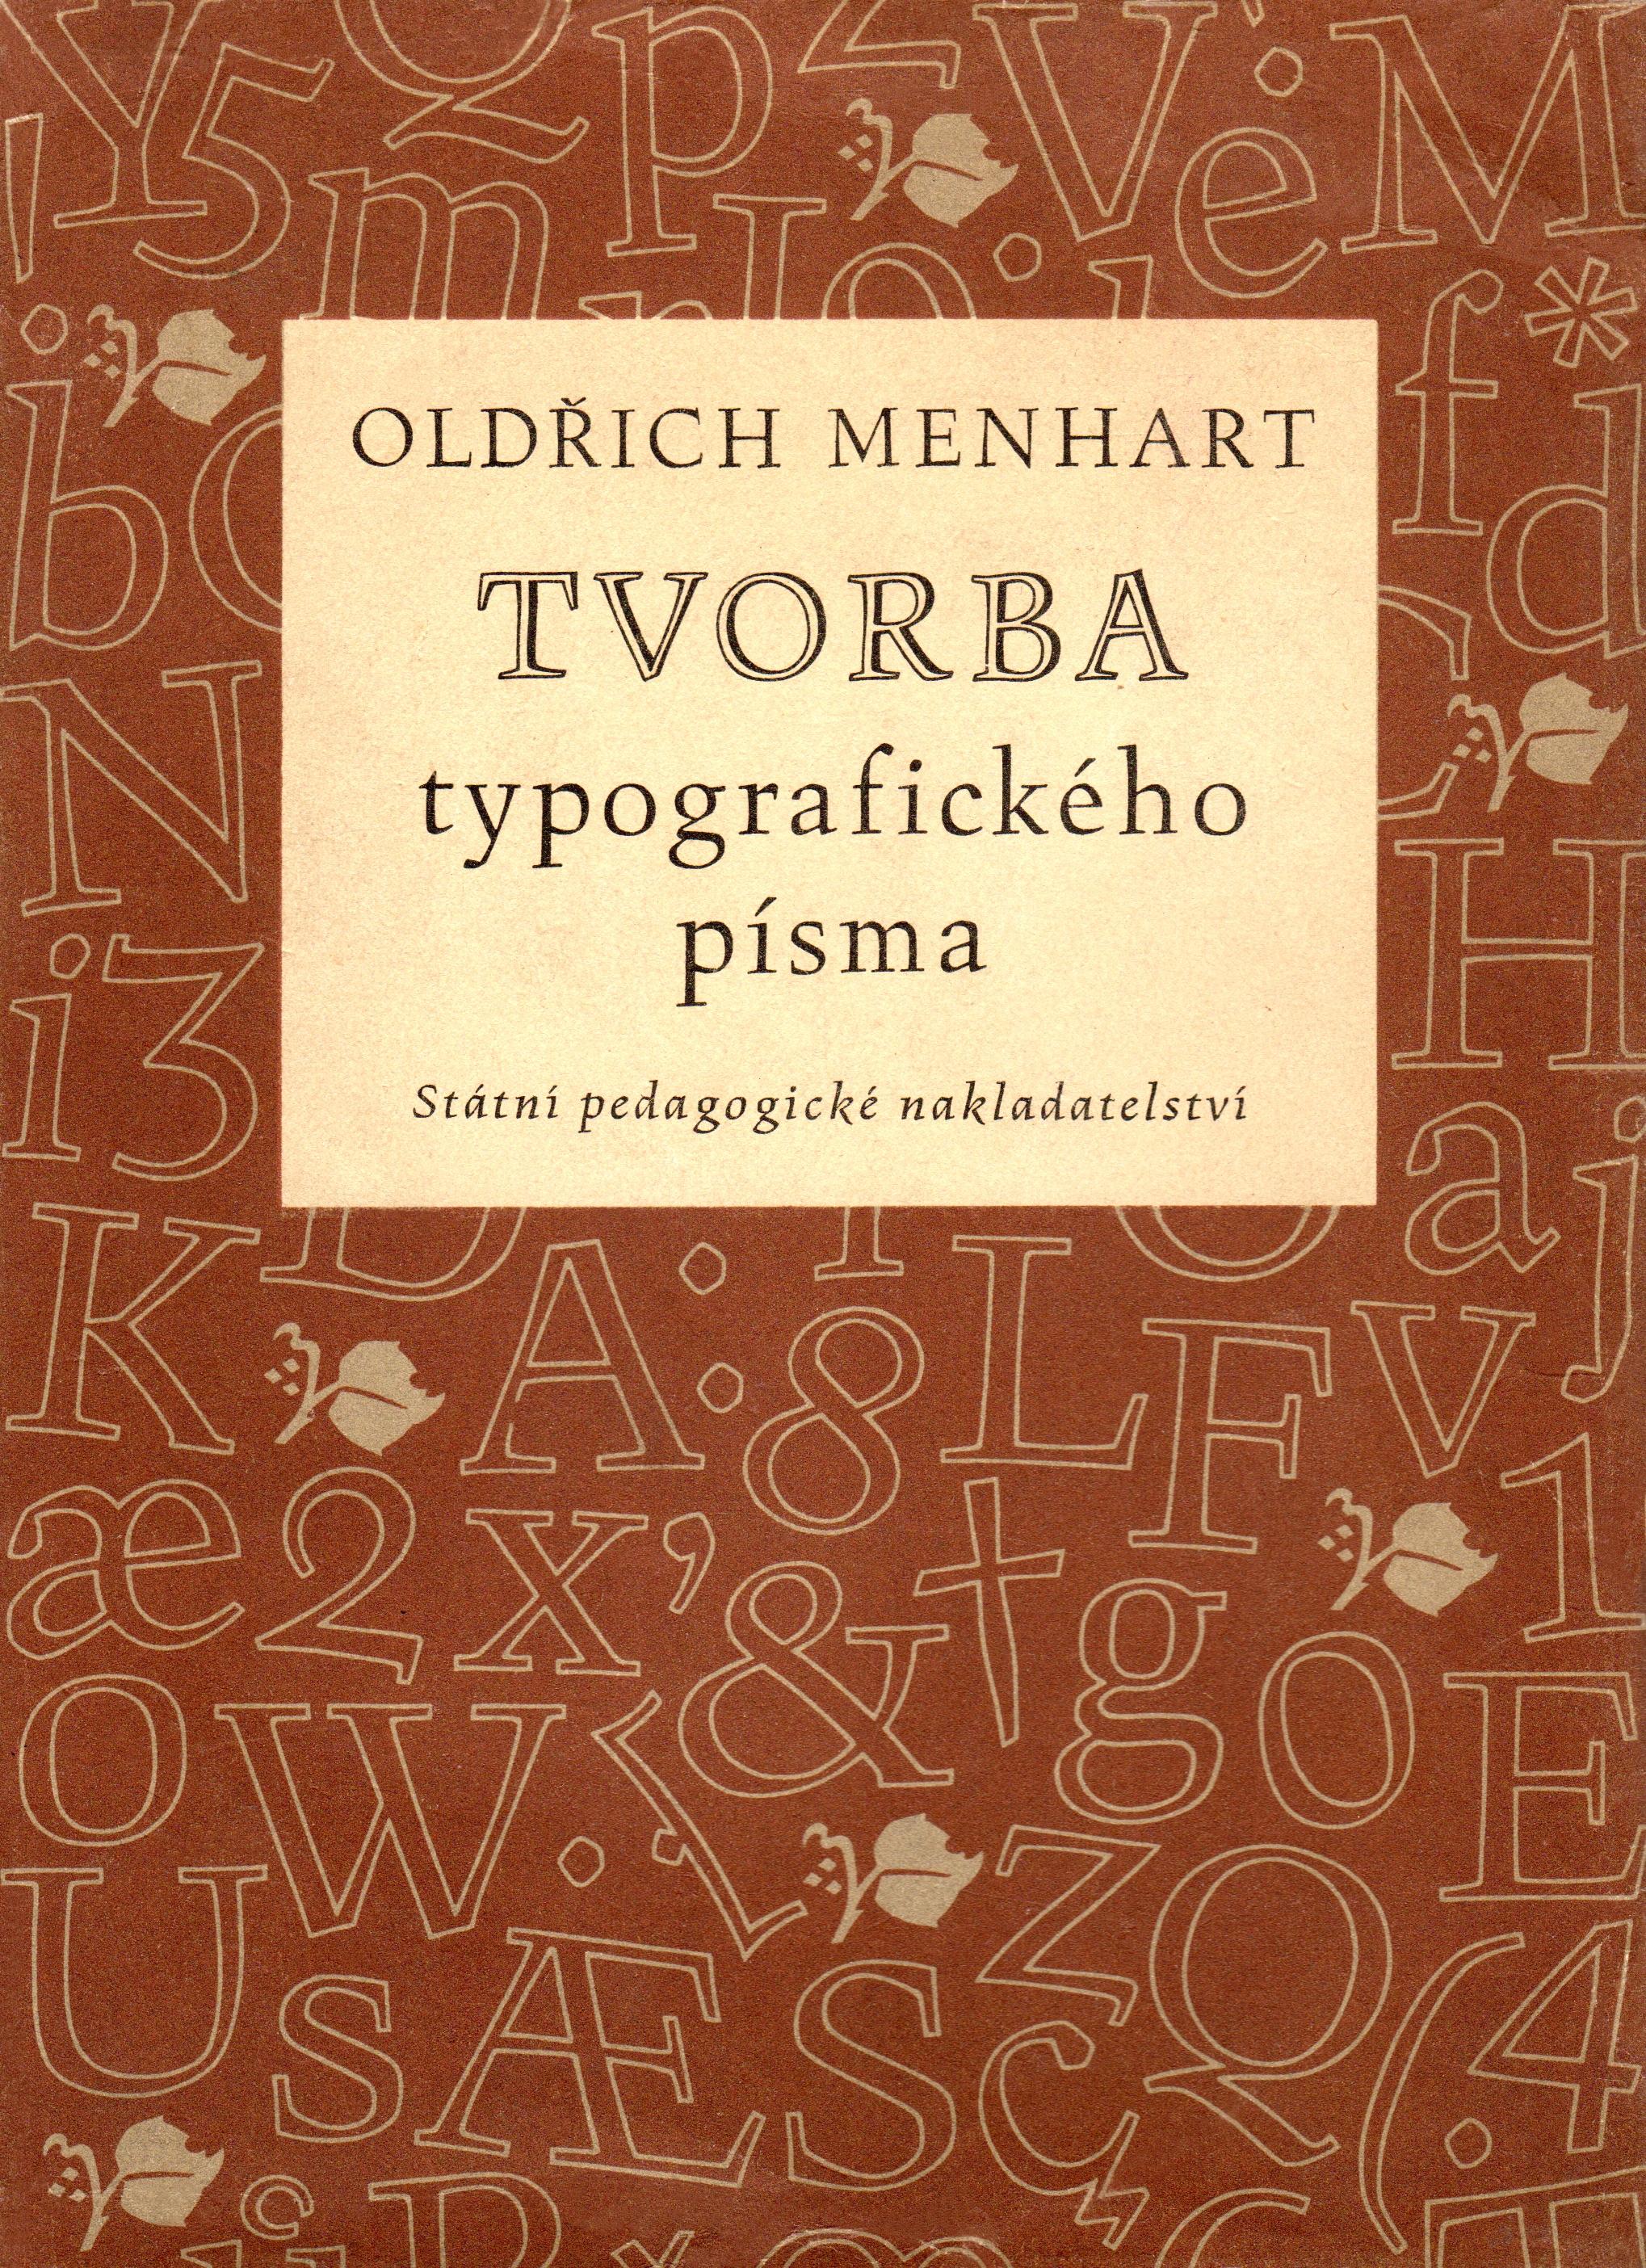 Menhart Tvorba typografickeho pisma